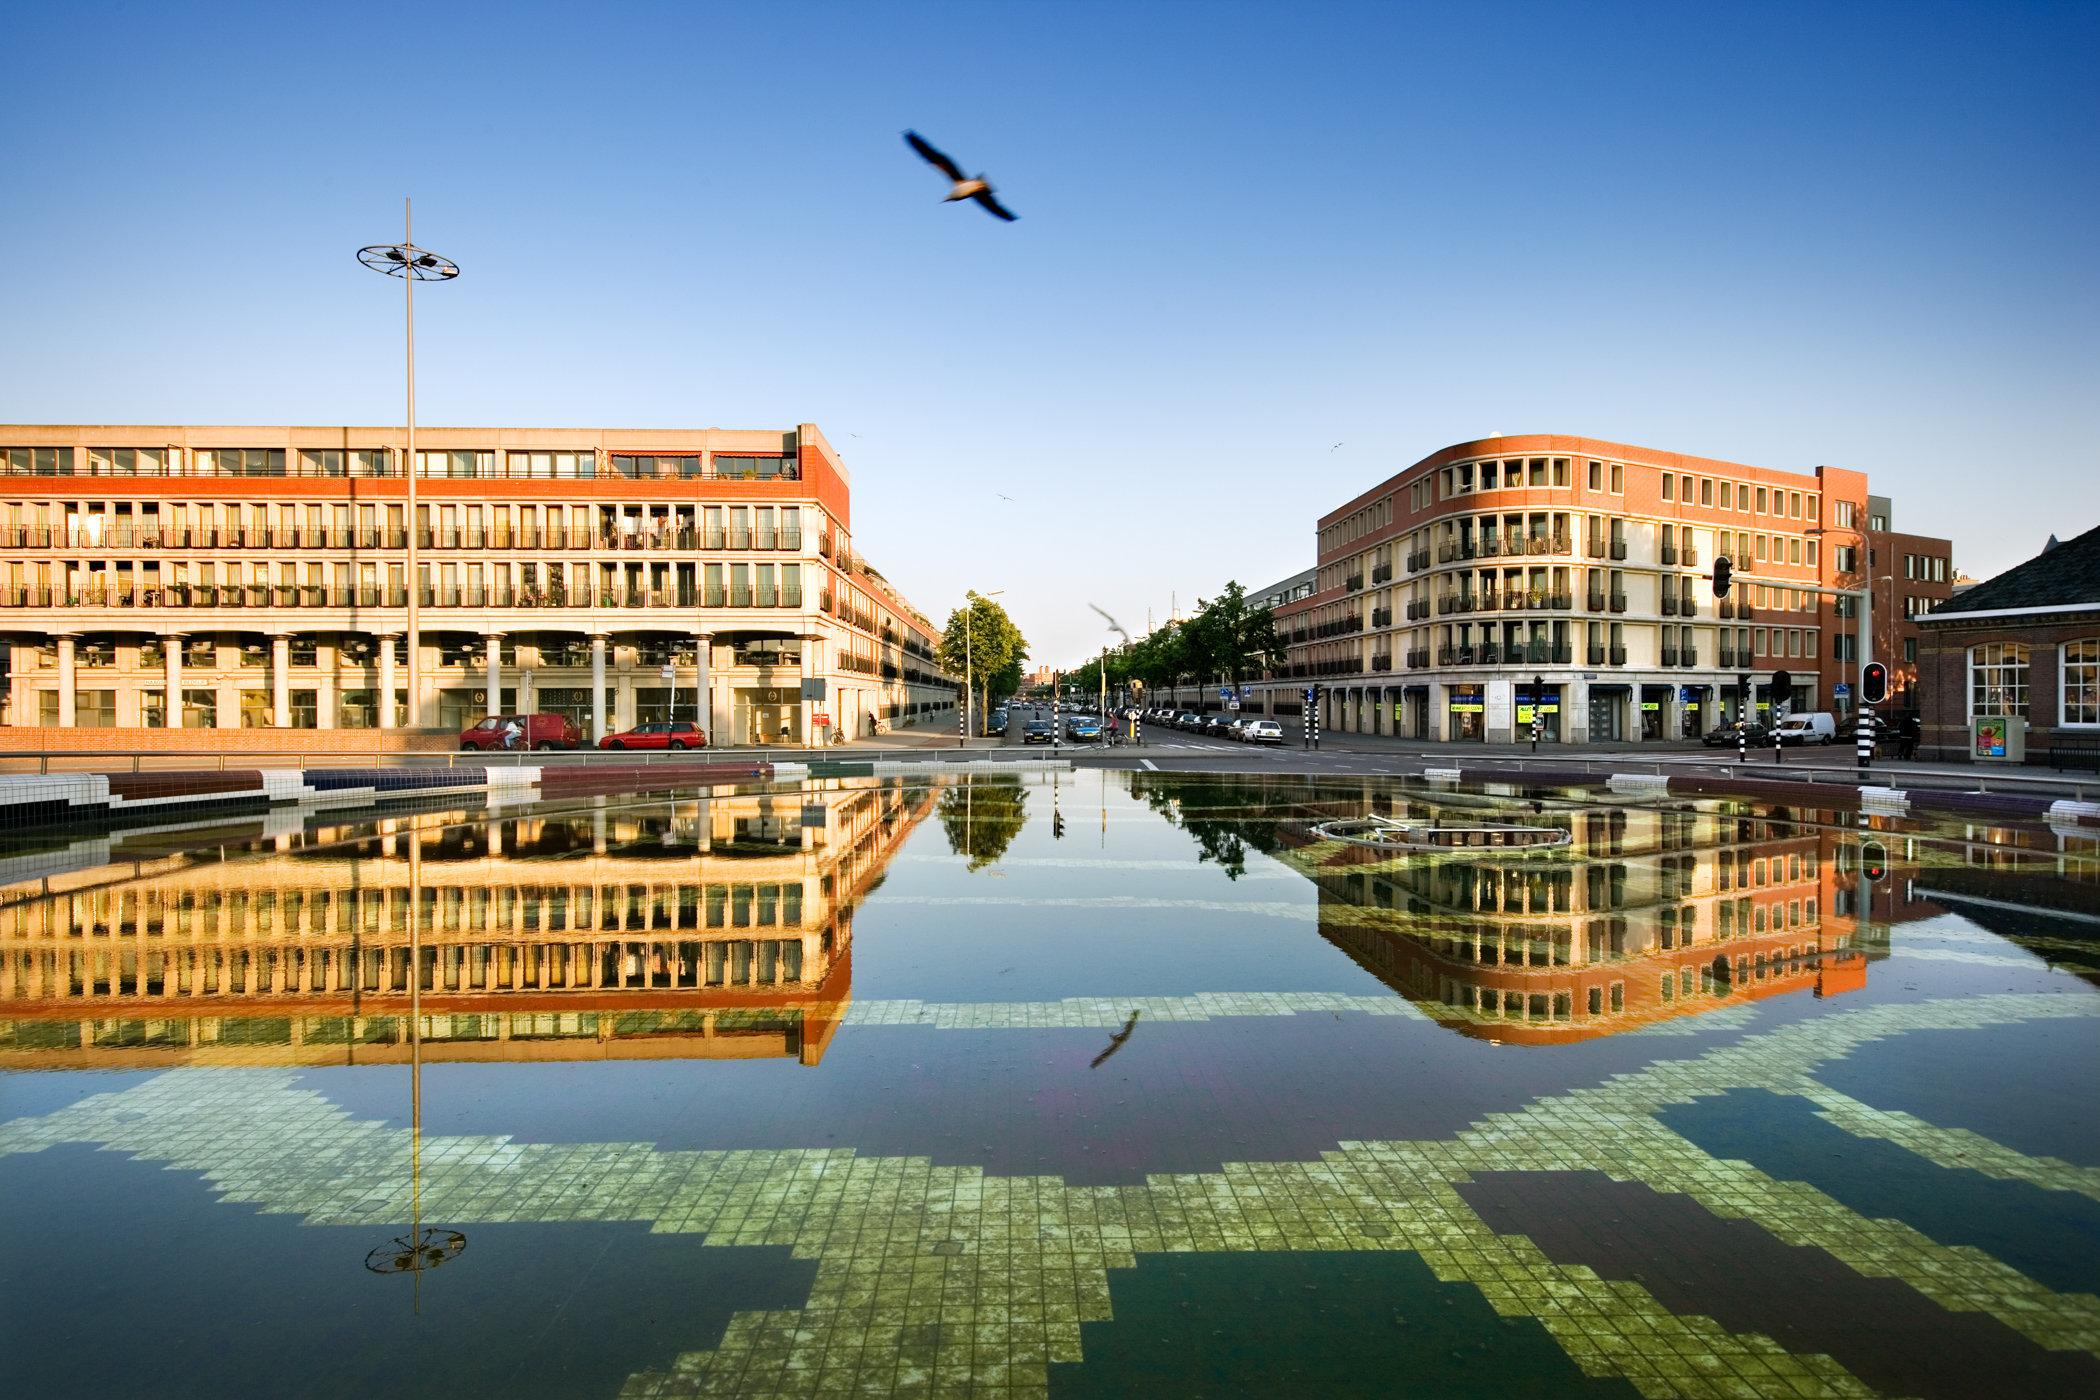 Den Haag for book: 25 years stichting Forum voor Stedelijke Vernieuwing